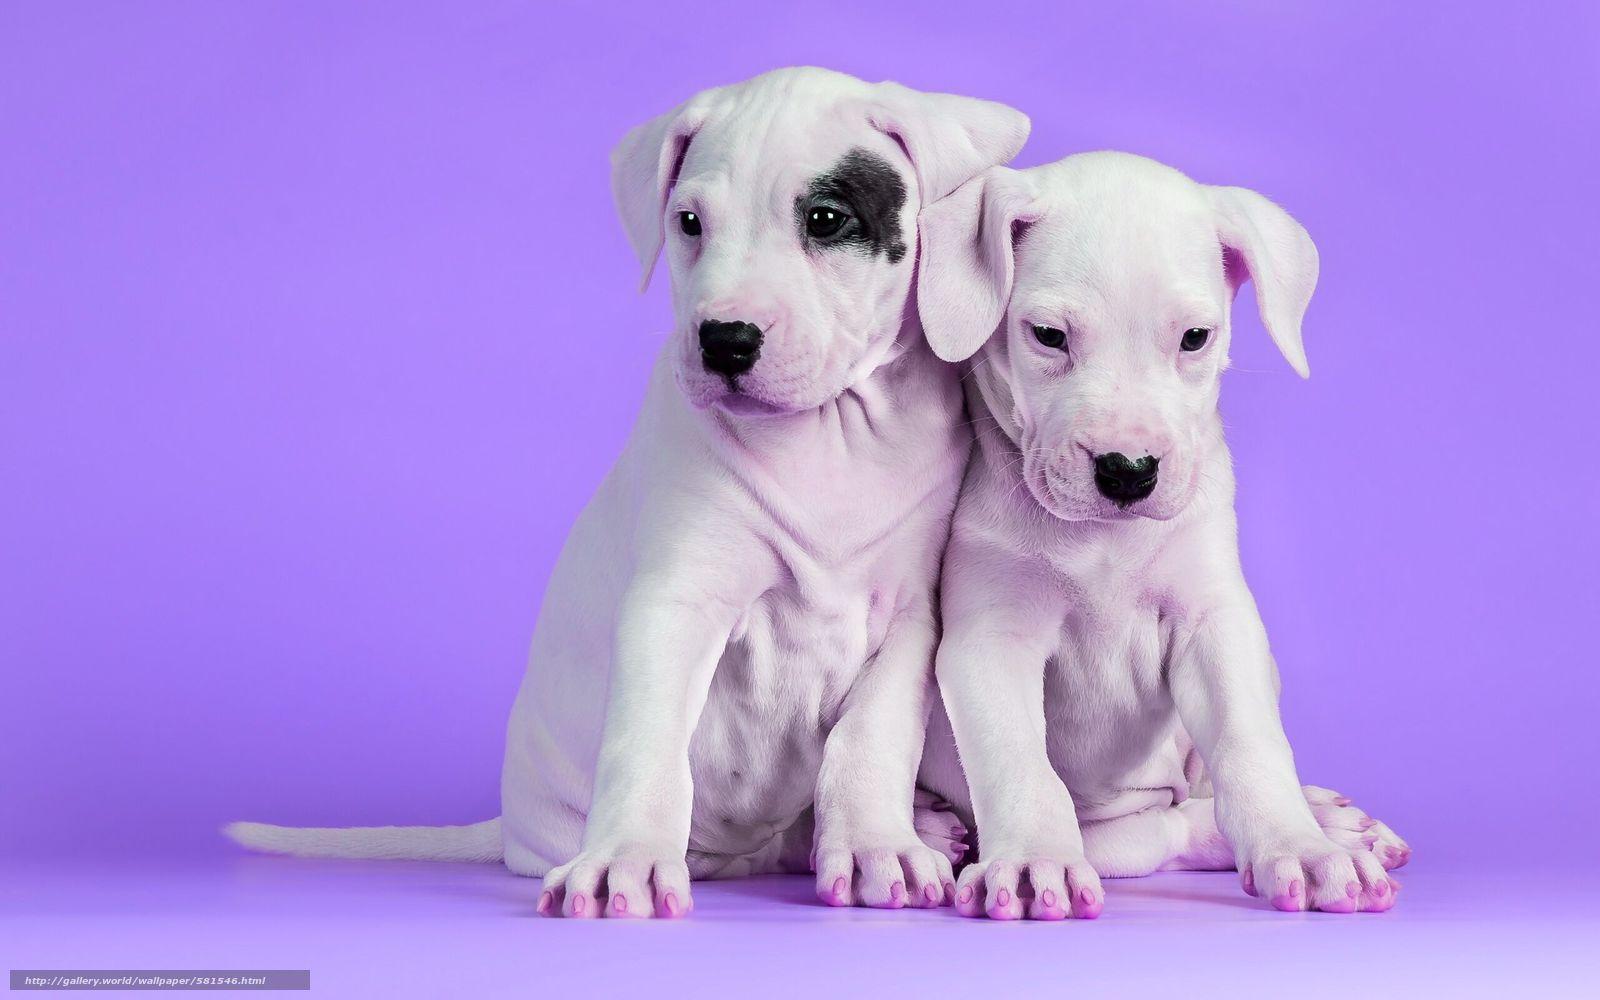 壁紙をダウンロード 子犬,  背景,  犬 デスクトップの解像度のための無料壁紙 2560x1600 — 絵 №581546